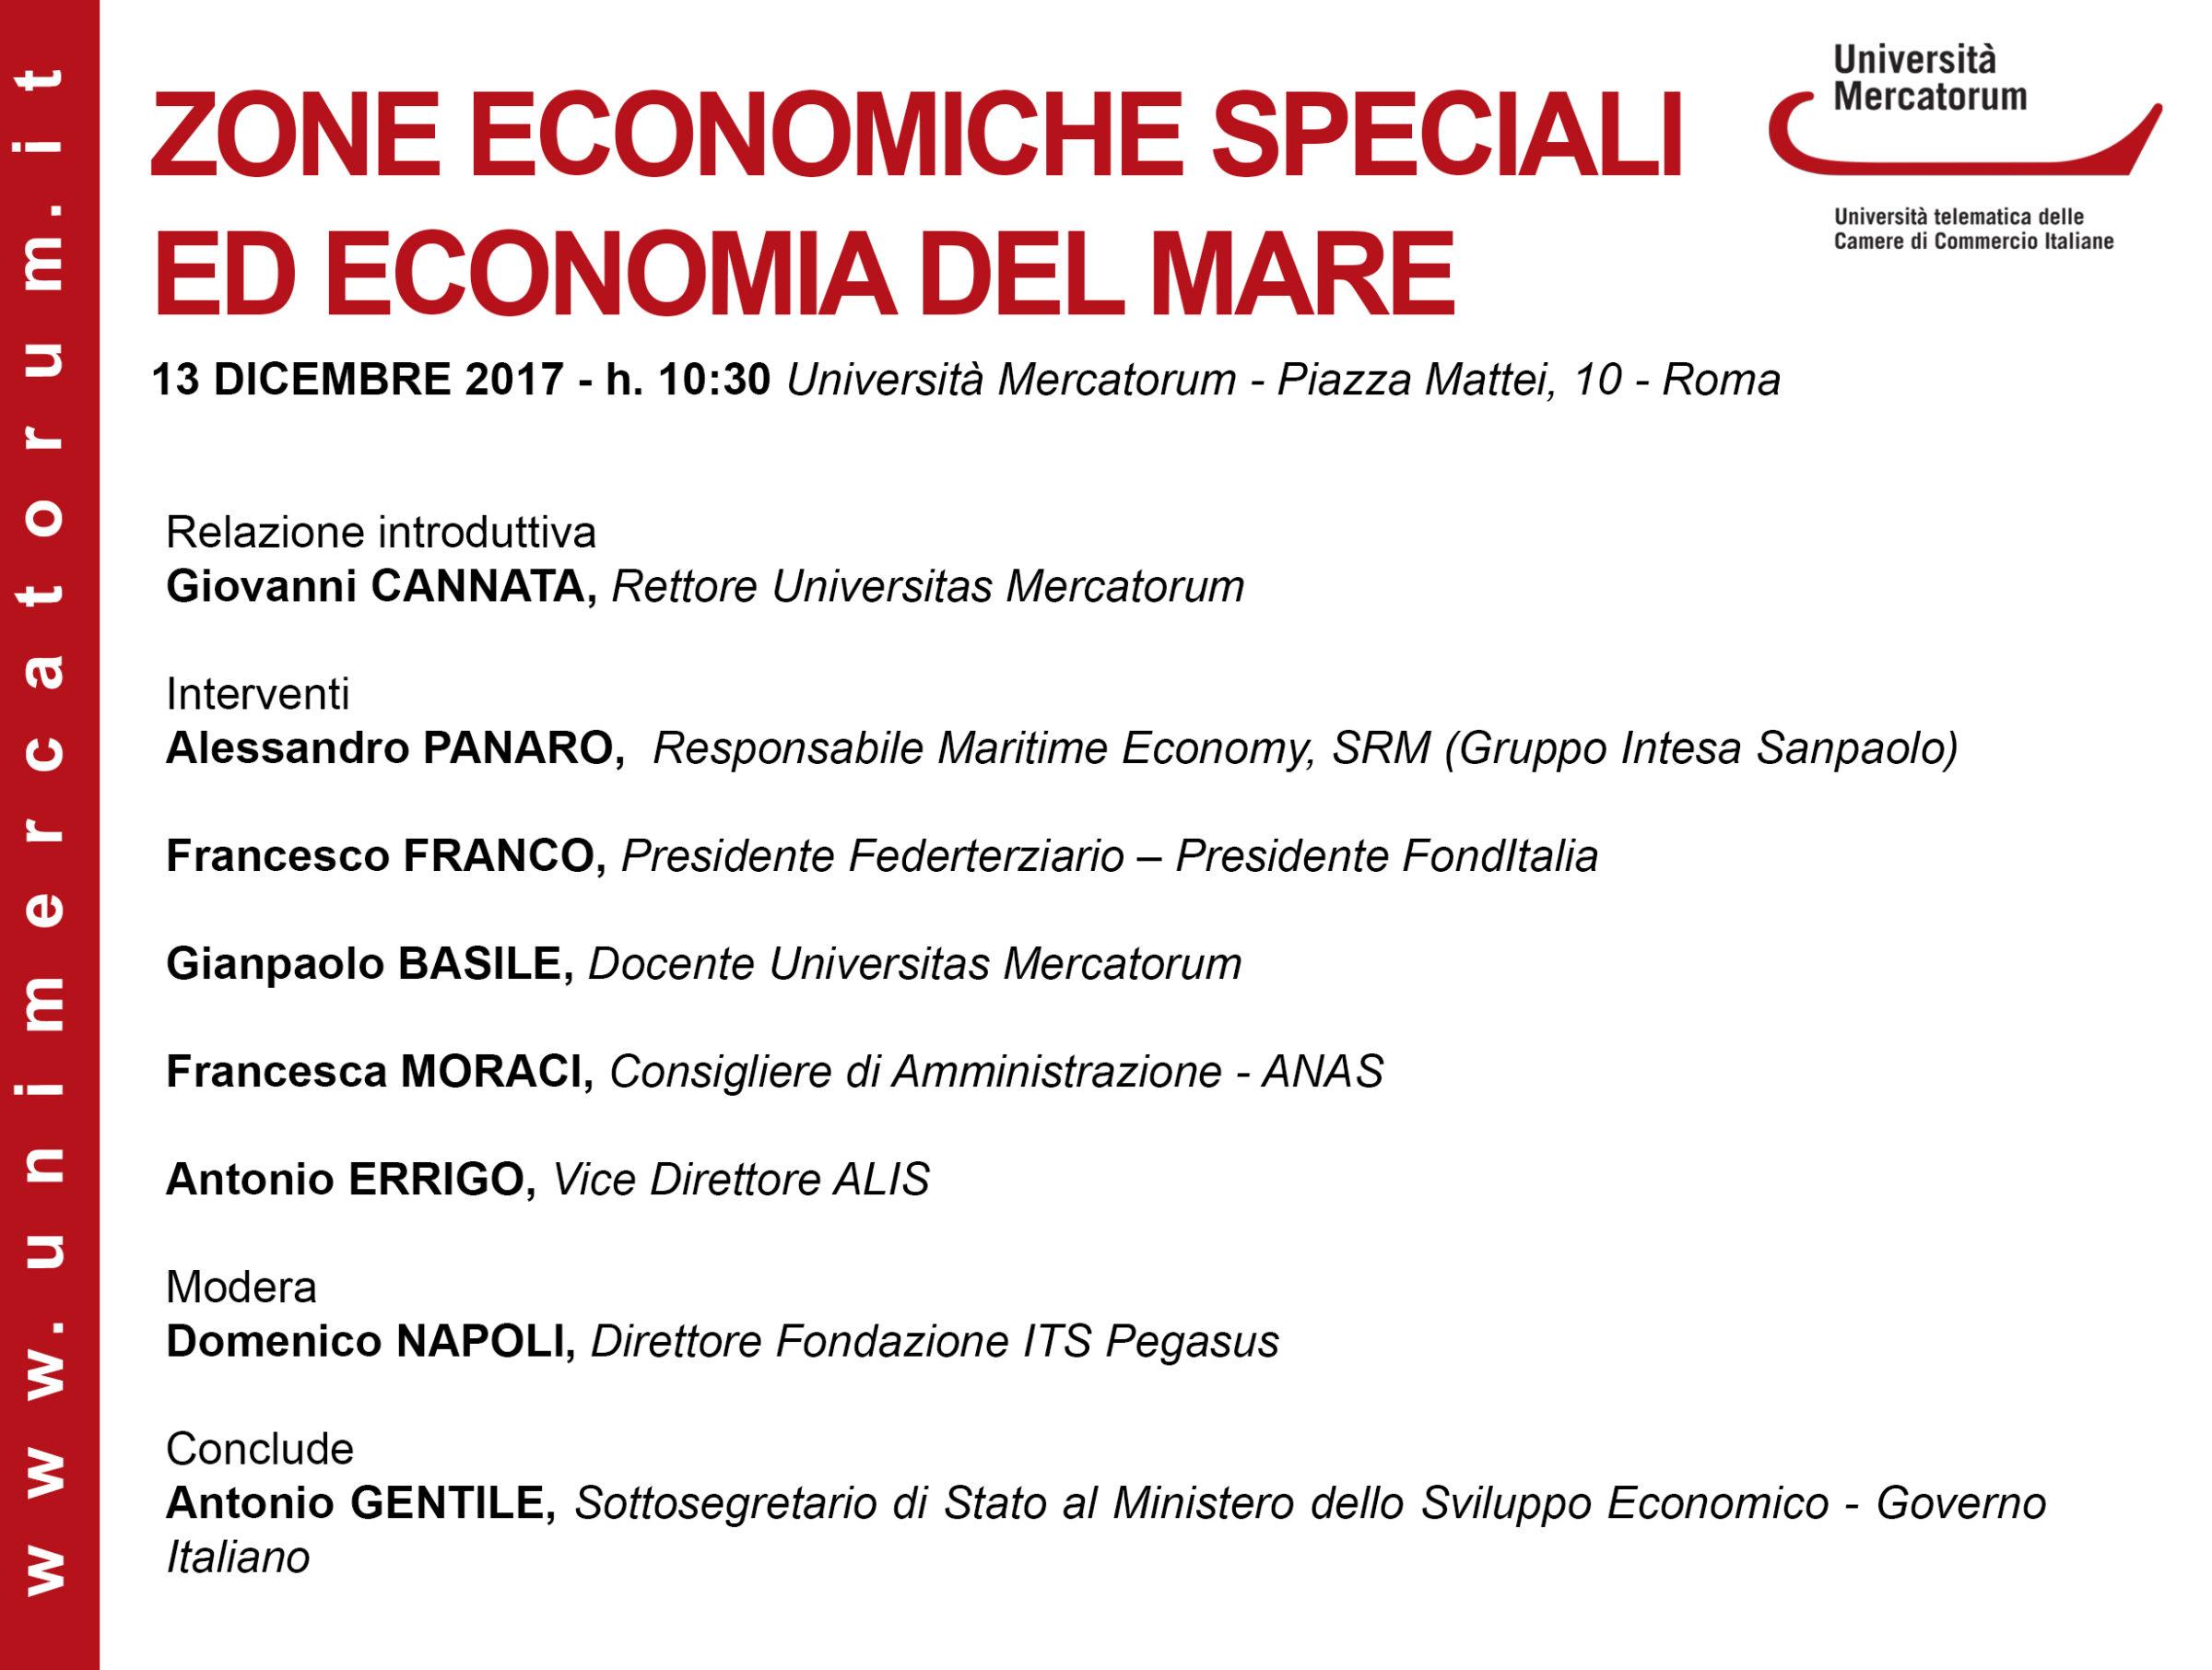 ZONE-ECONOMICHE-SPECIALI